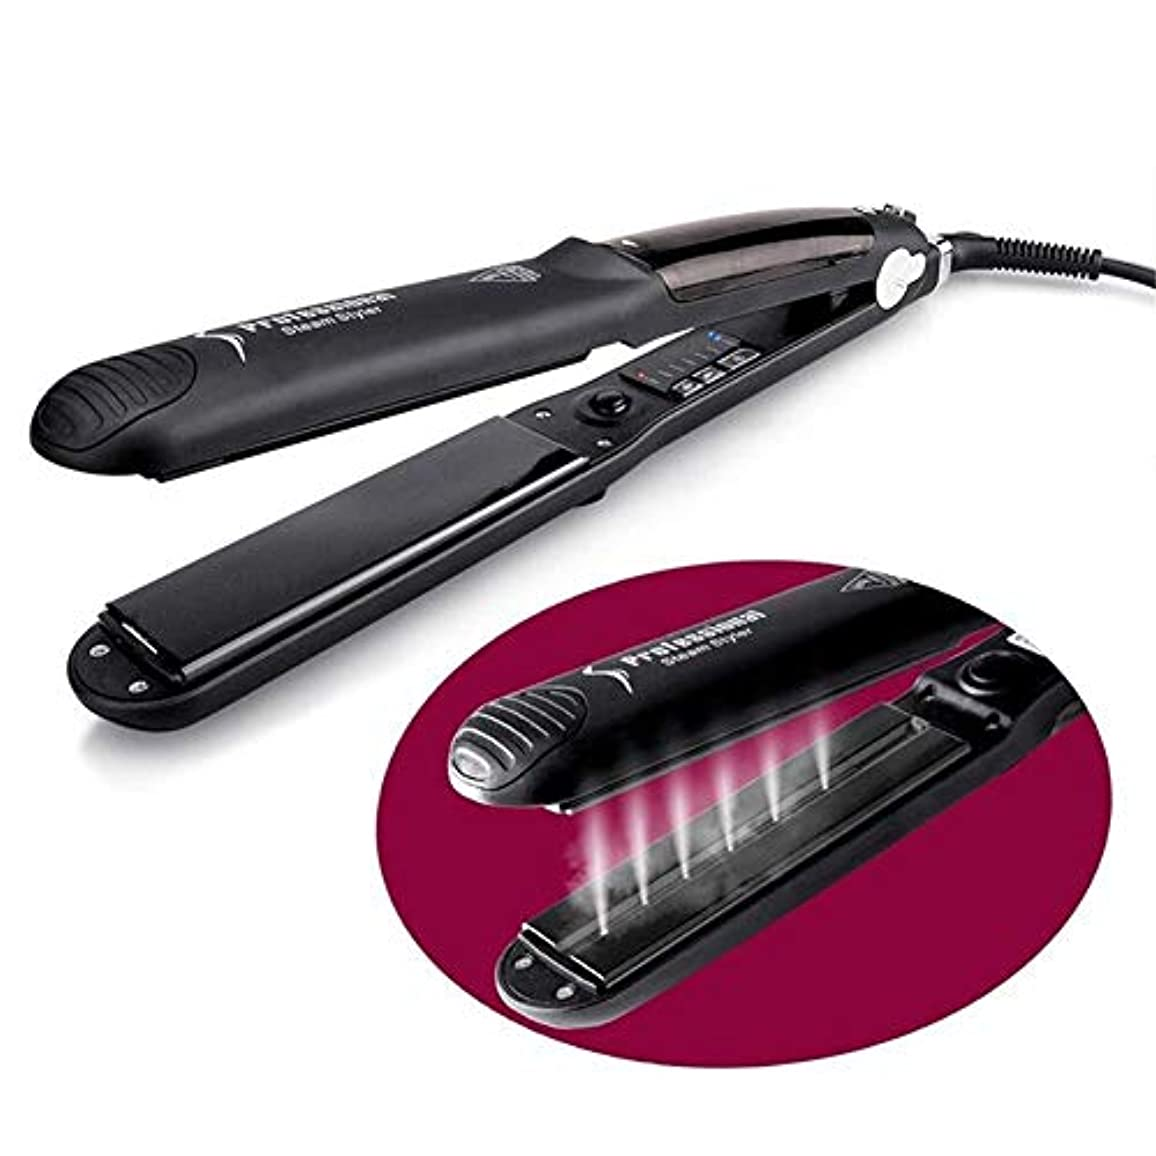 クアッガヨーロッパチョークプロフェッショナルトルマリンストレートヘアアイロンウェットとドライスチーム毛のストレートヘアスタイリング b1120 (Color : -, Size : -)